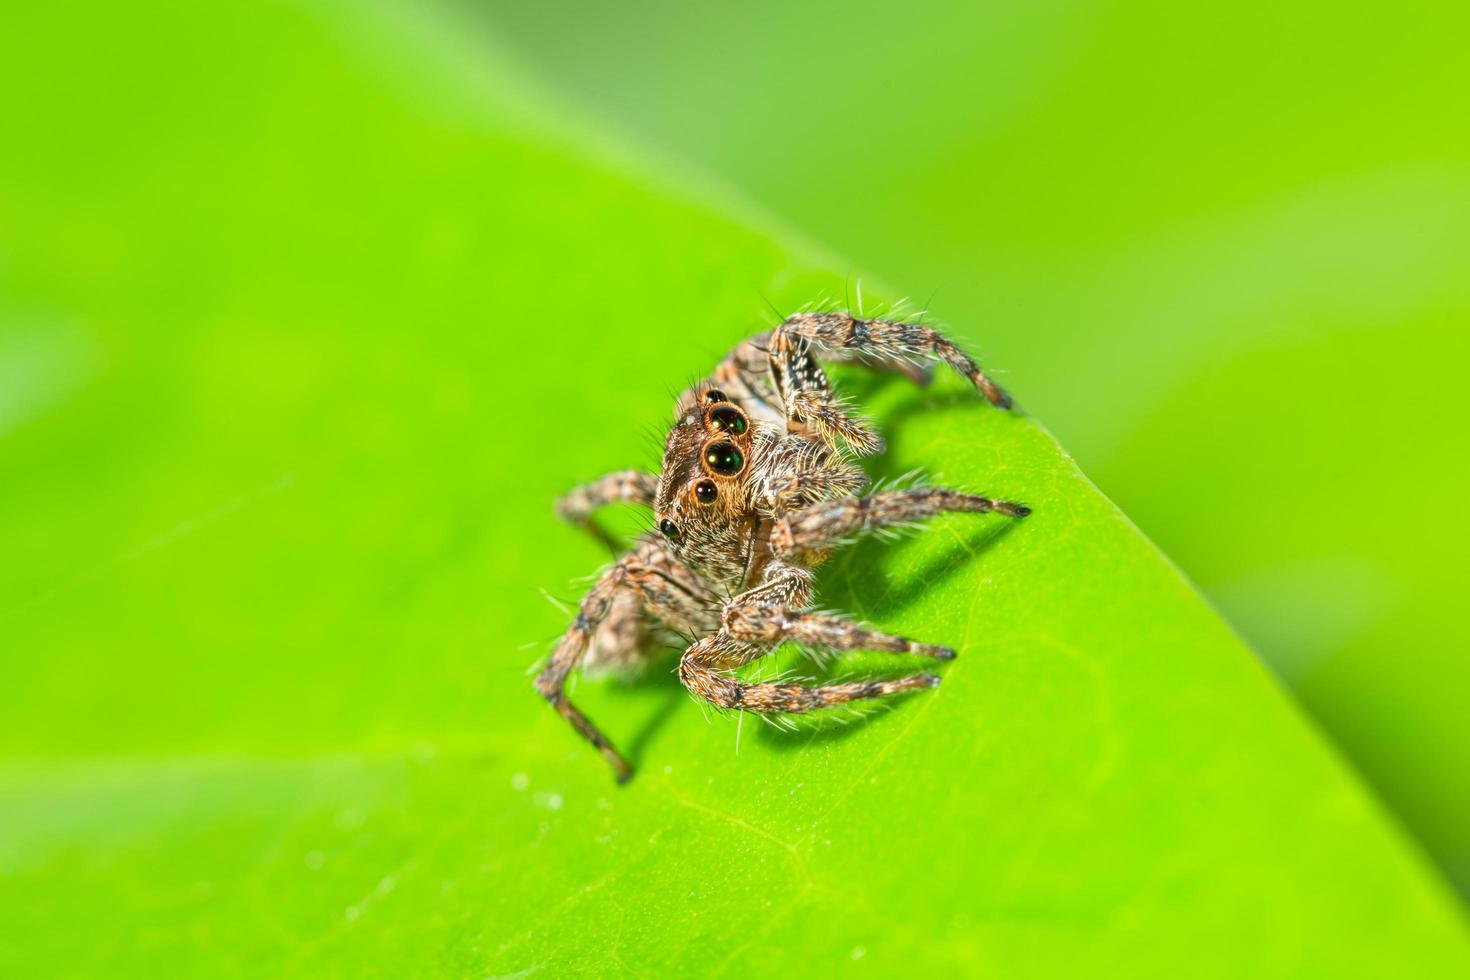 araña marrón sobre una hoja verde foto